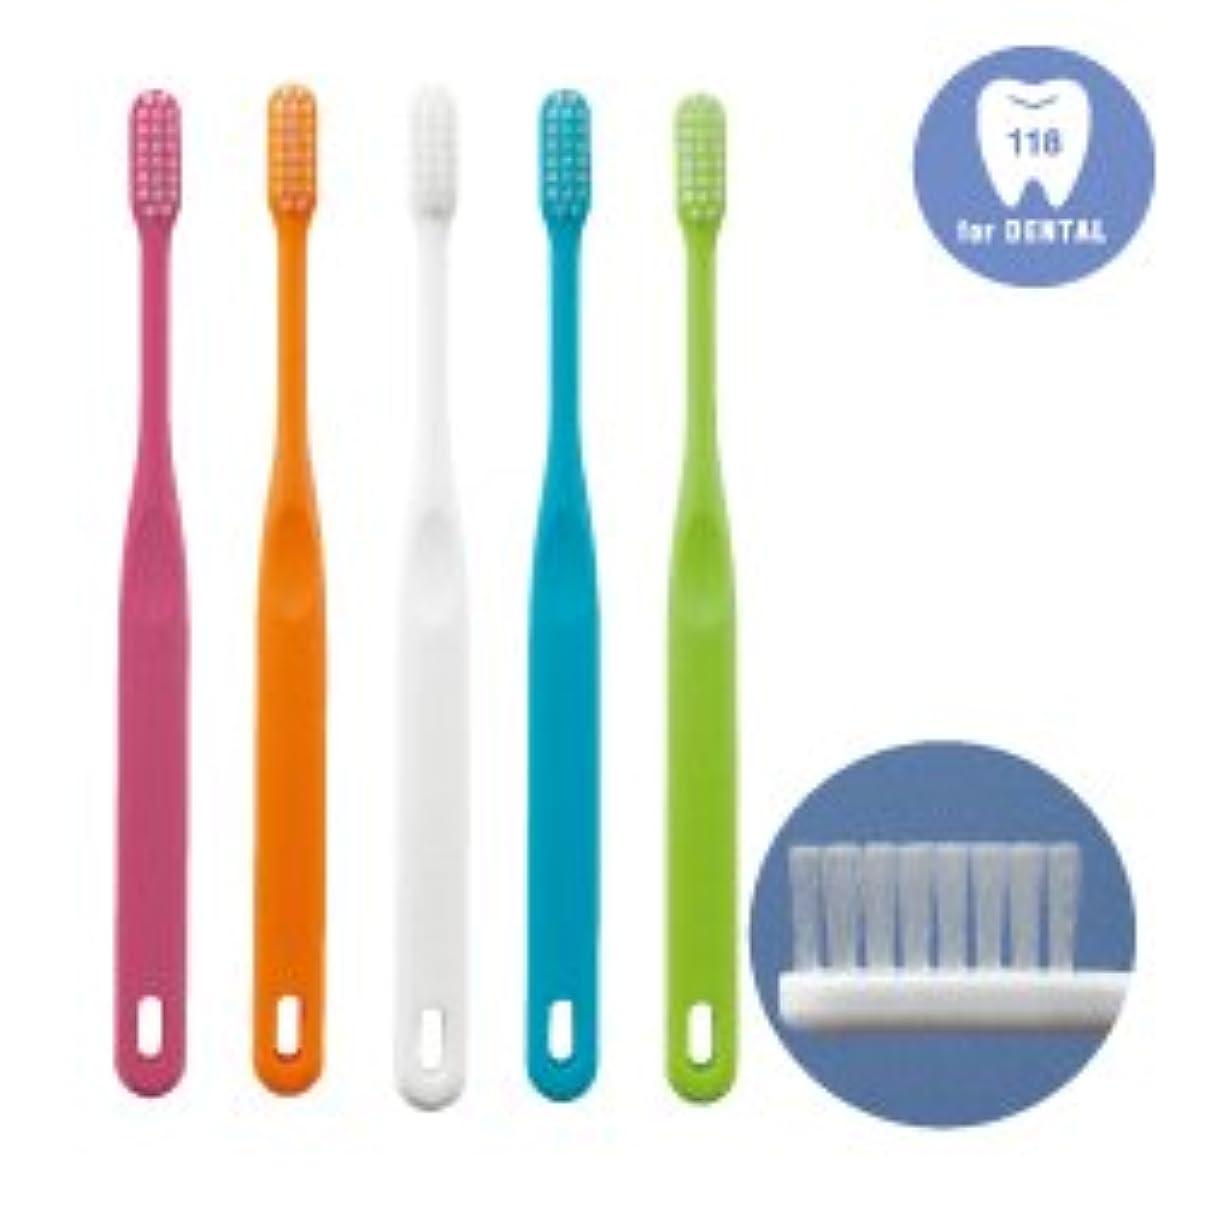 経験的意味のあるまた歯科専用歯ブラシ「118シリーズ」Advance(アドバンス)M(ふつう)25本